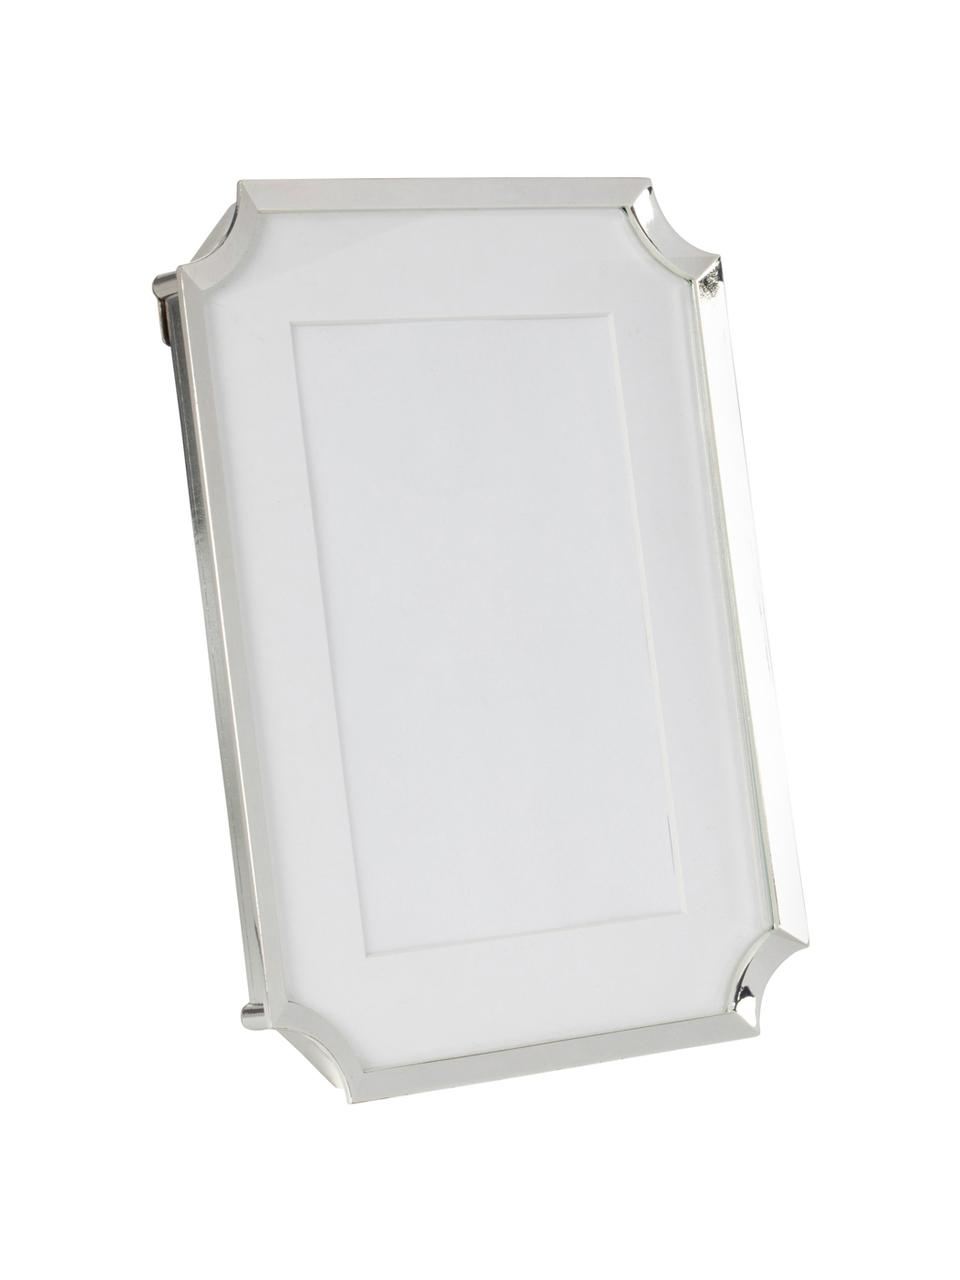 Bilderrahmen Austin, Metall, Glas, Silberfarben, Weiß, 10 x 15 cm